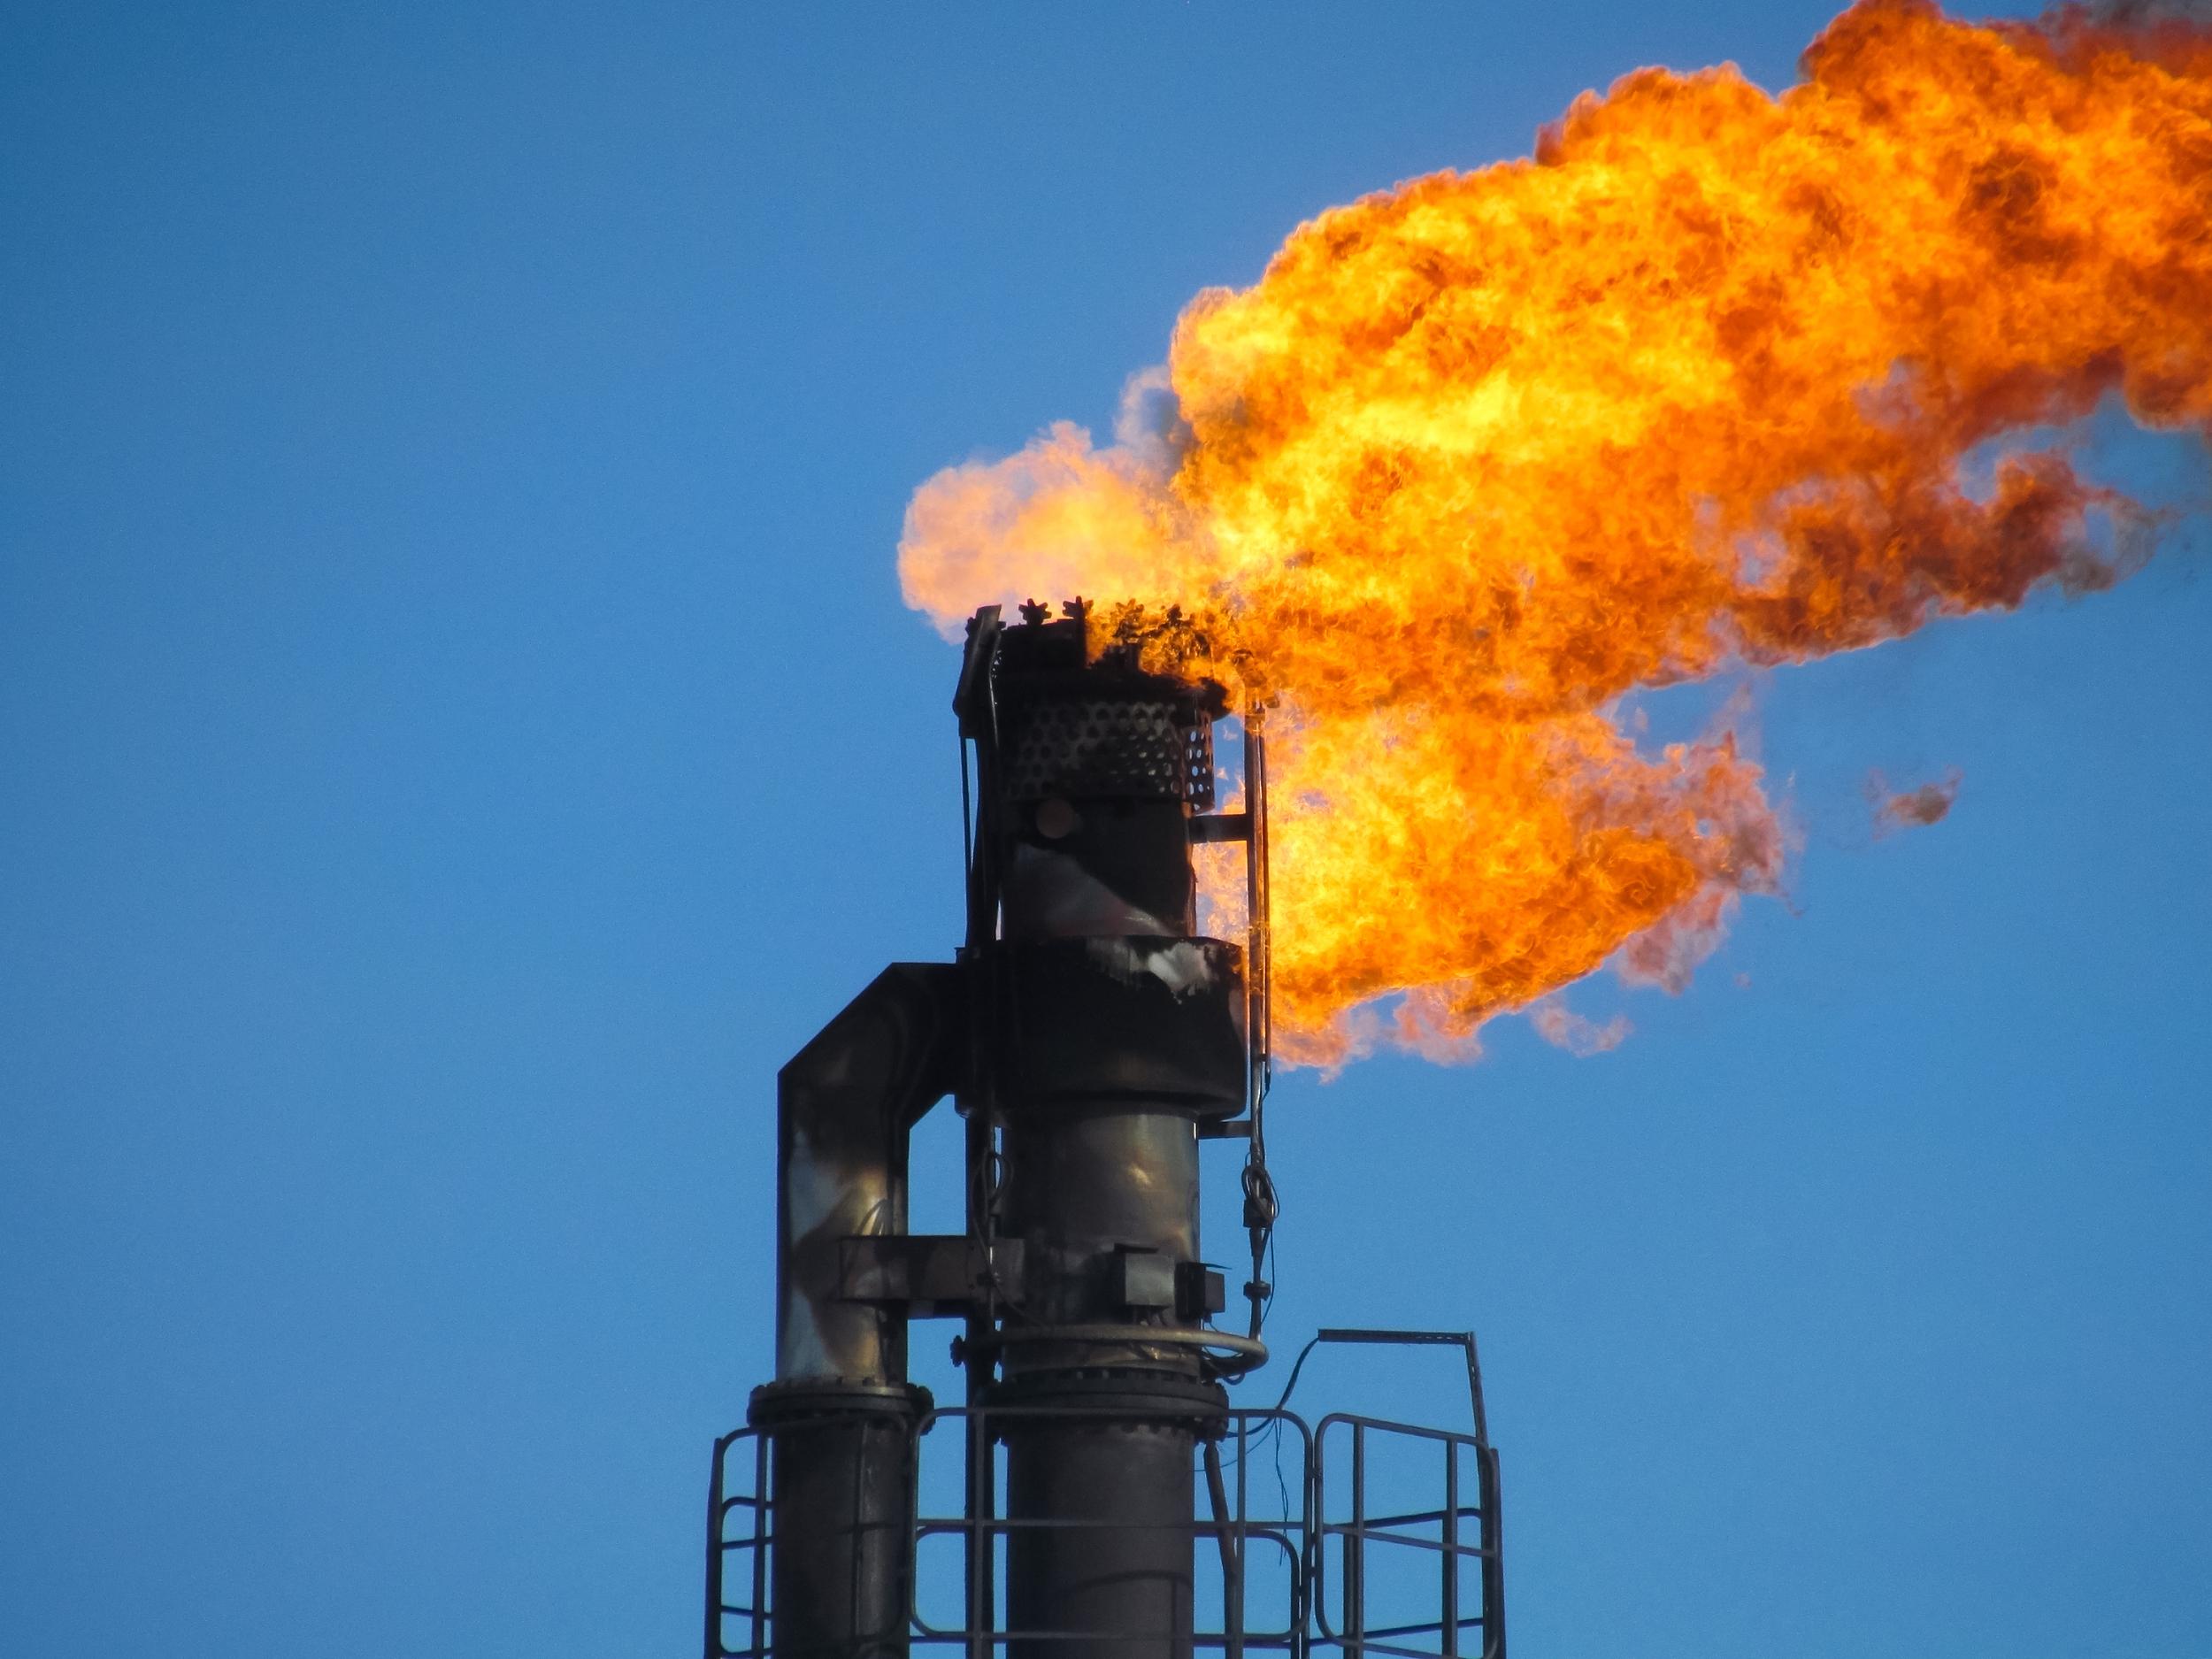 全球减碳太激进?联合国:化石能源使用依然超标1倍